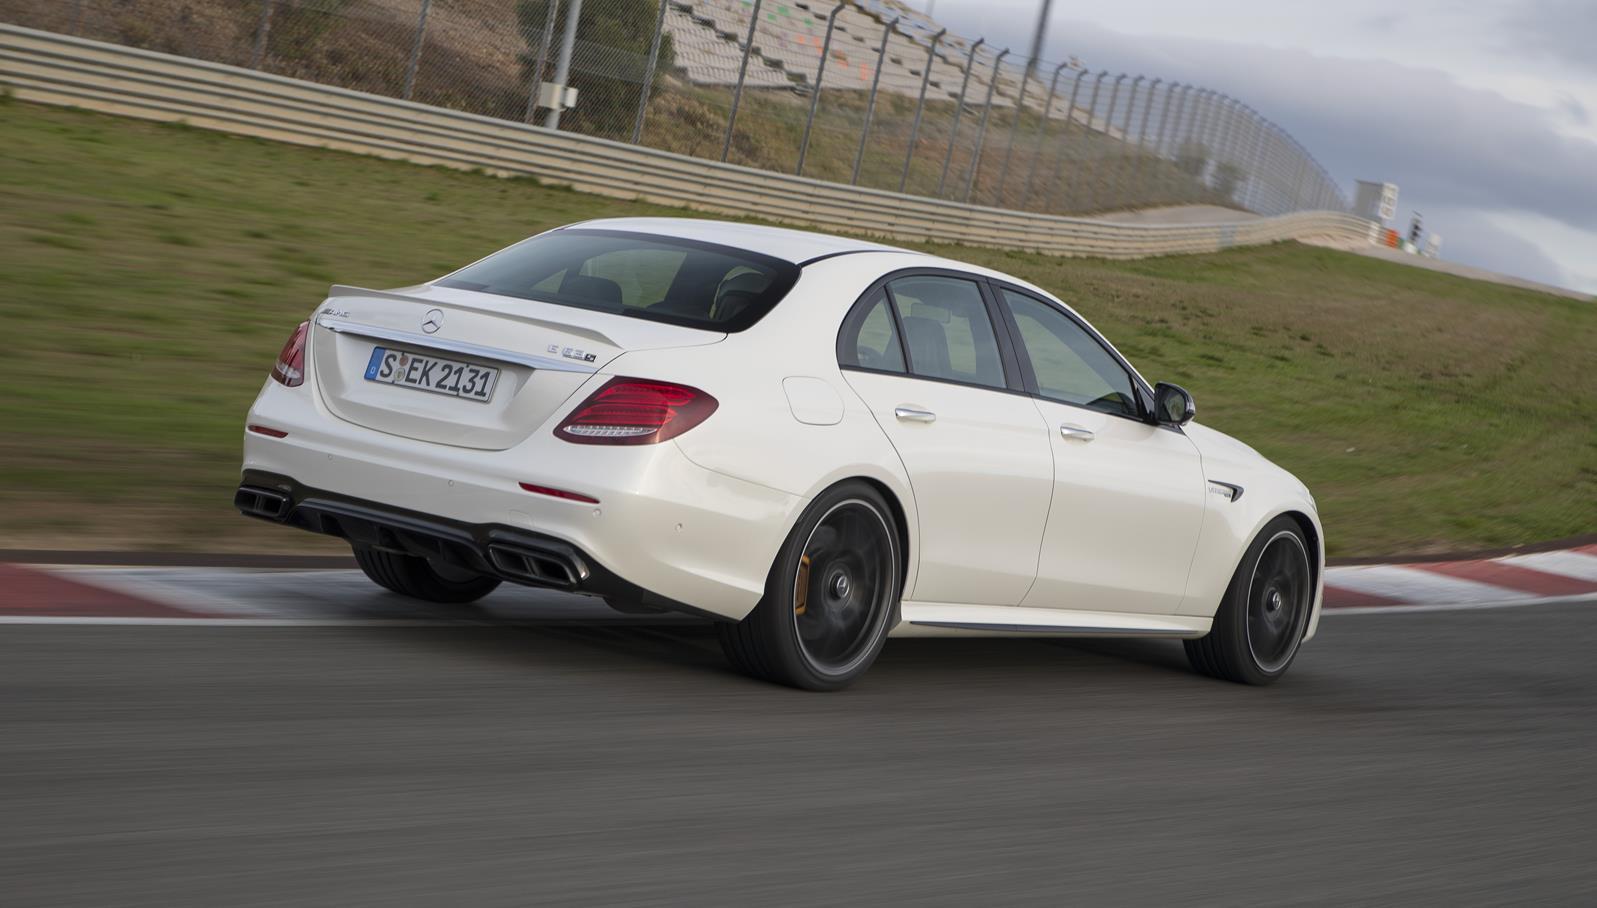 Mercedes-Benz E63 AMG photo 171966